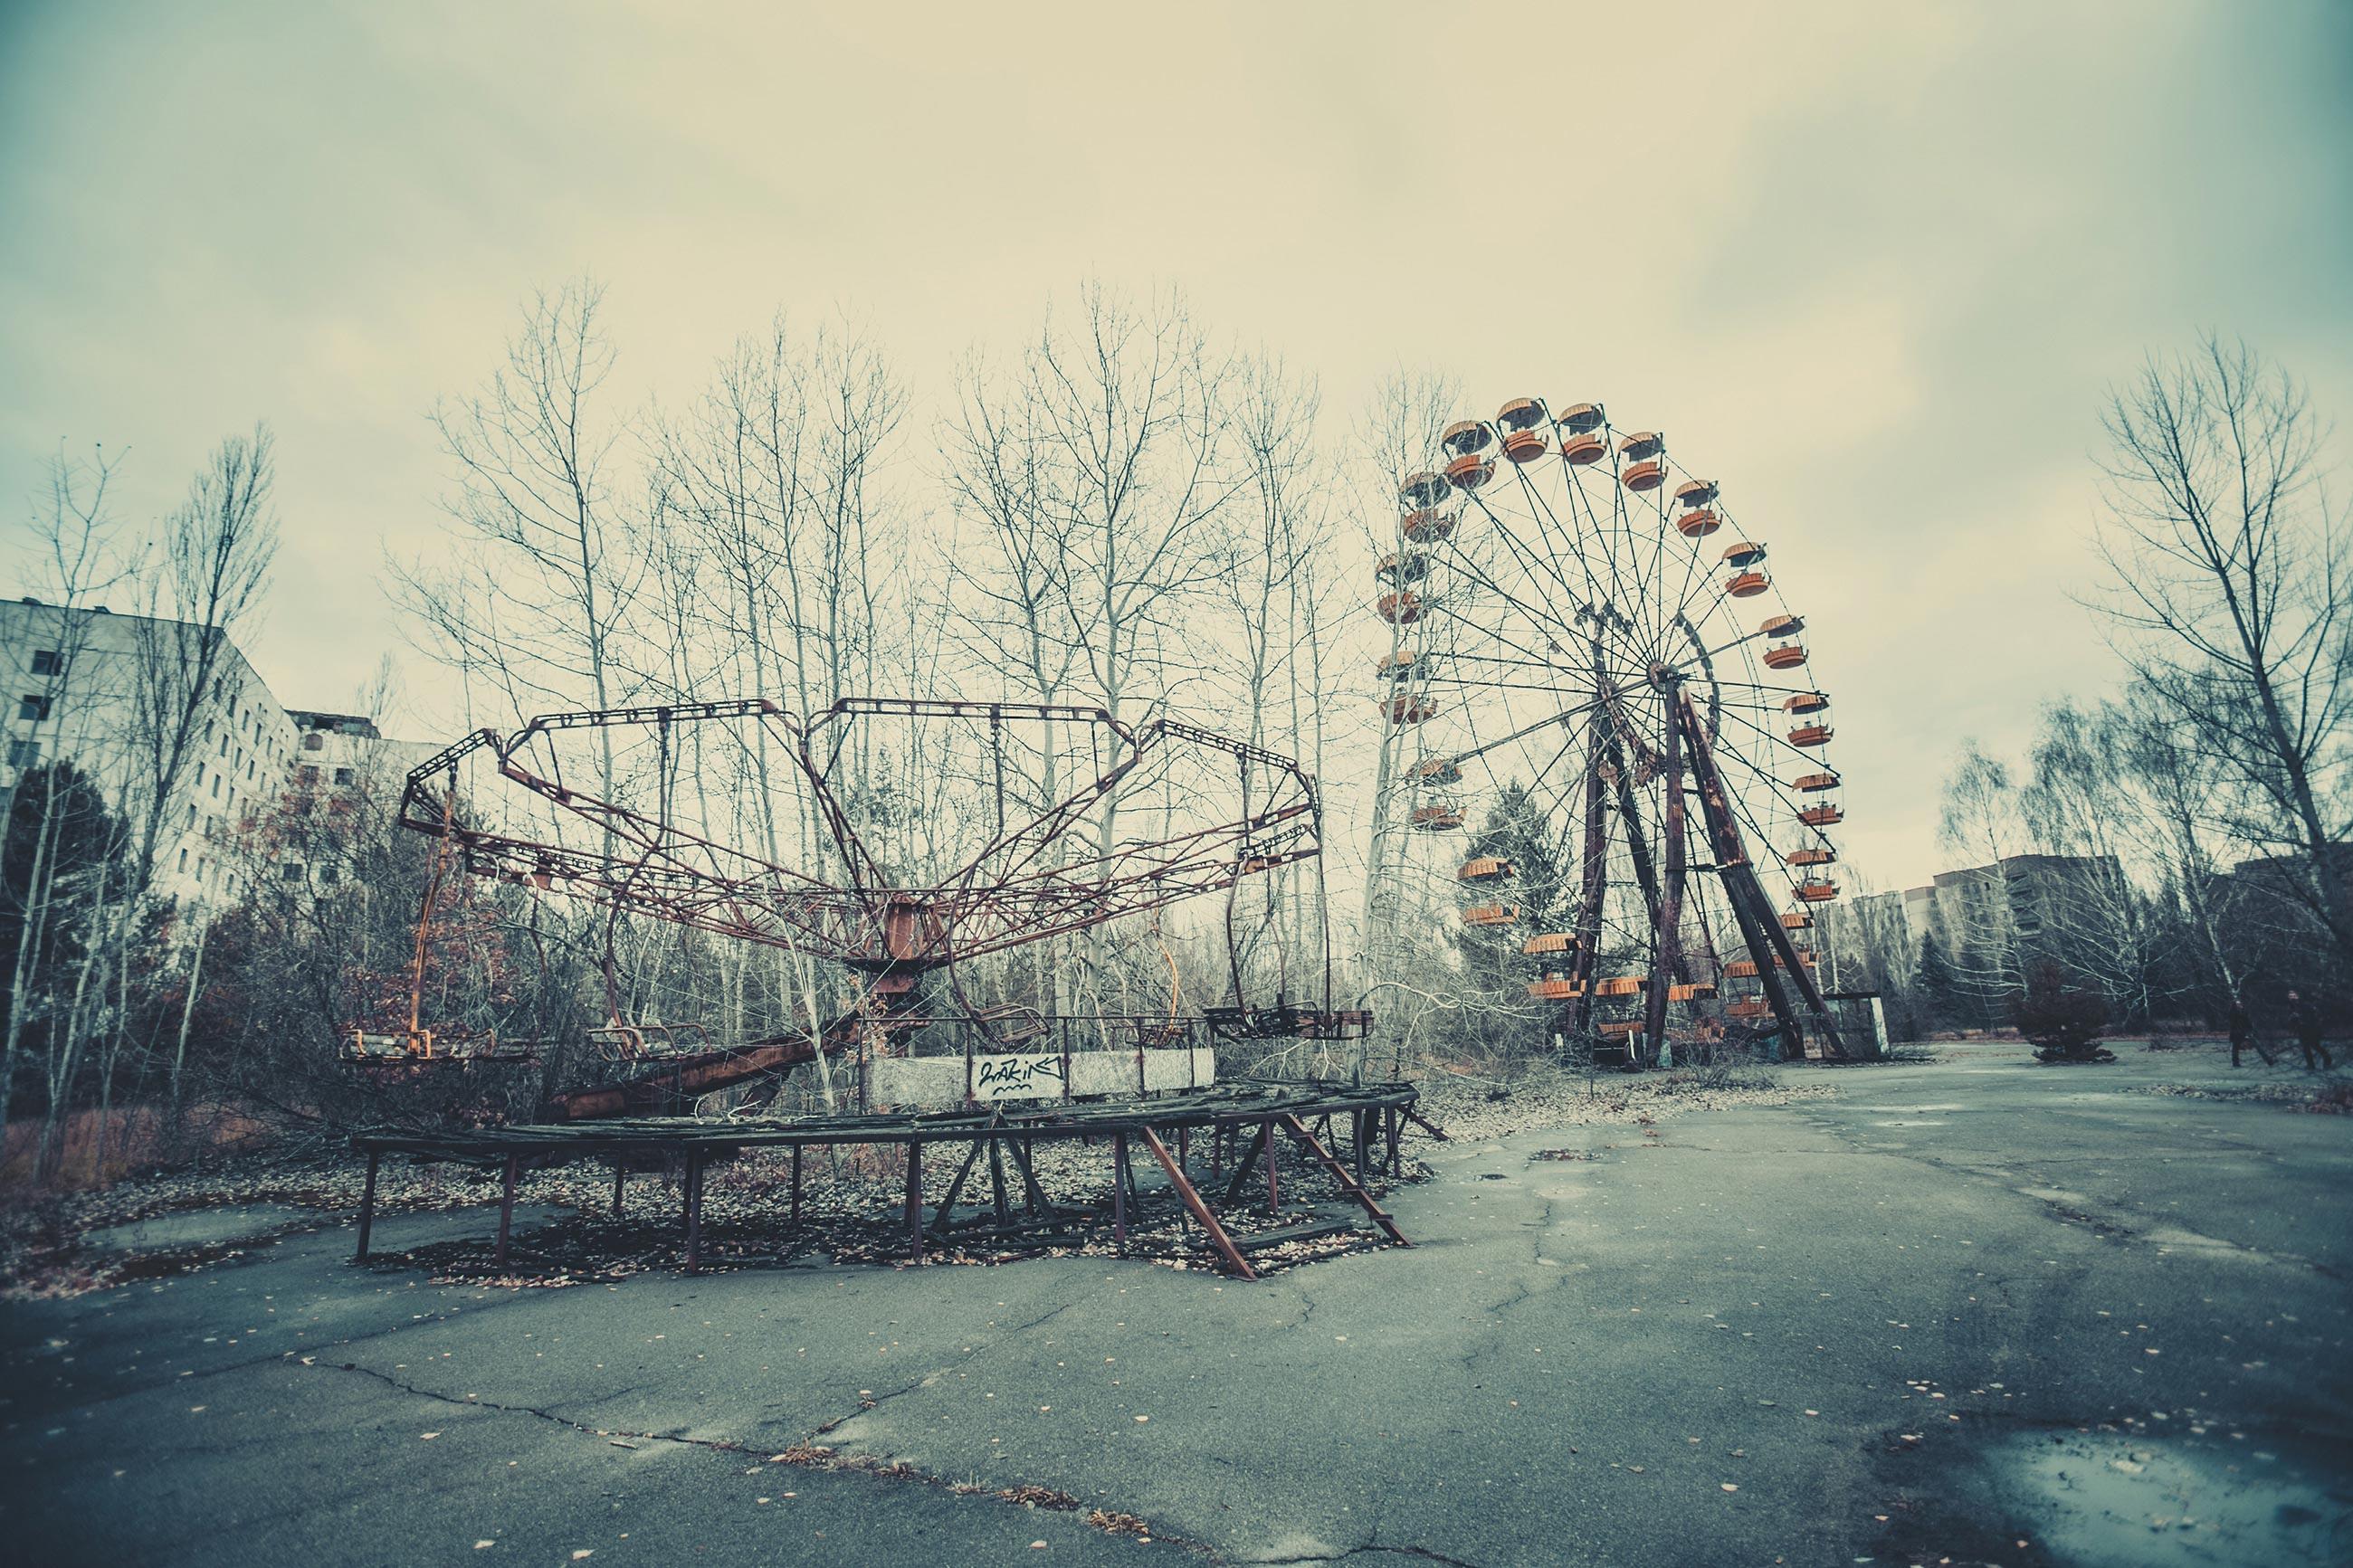 chernobyl - photo #22